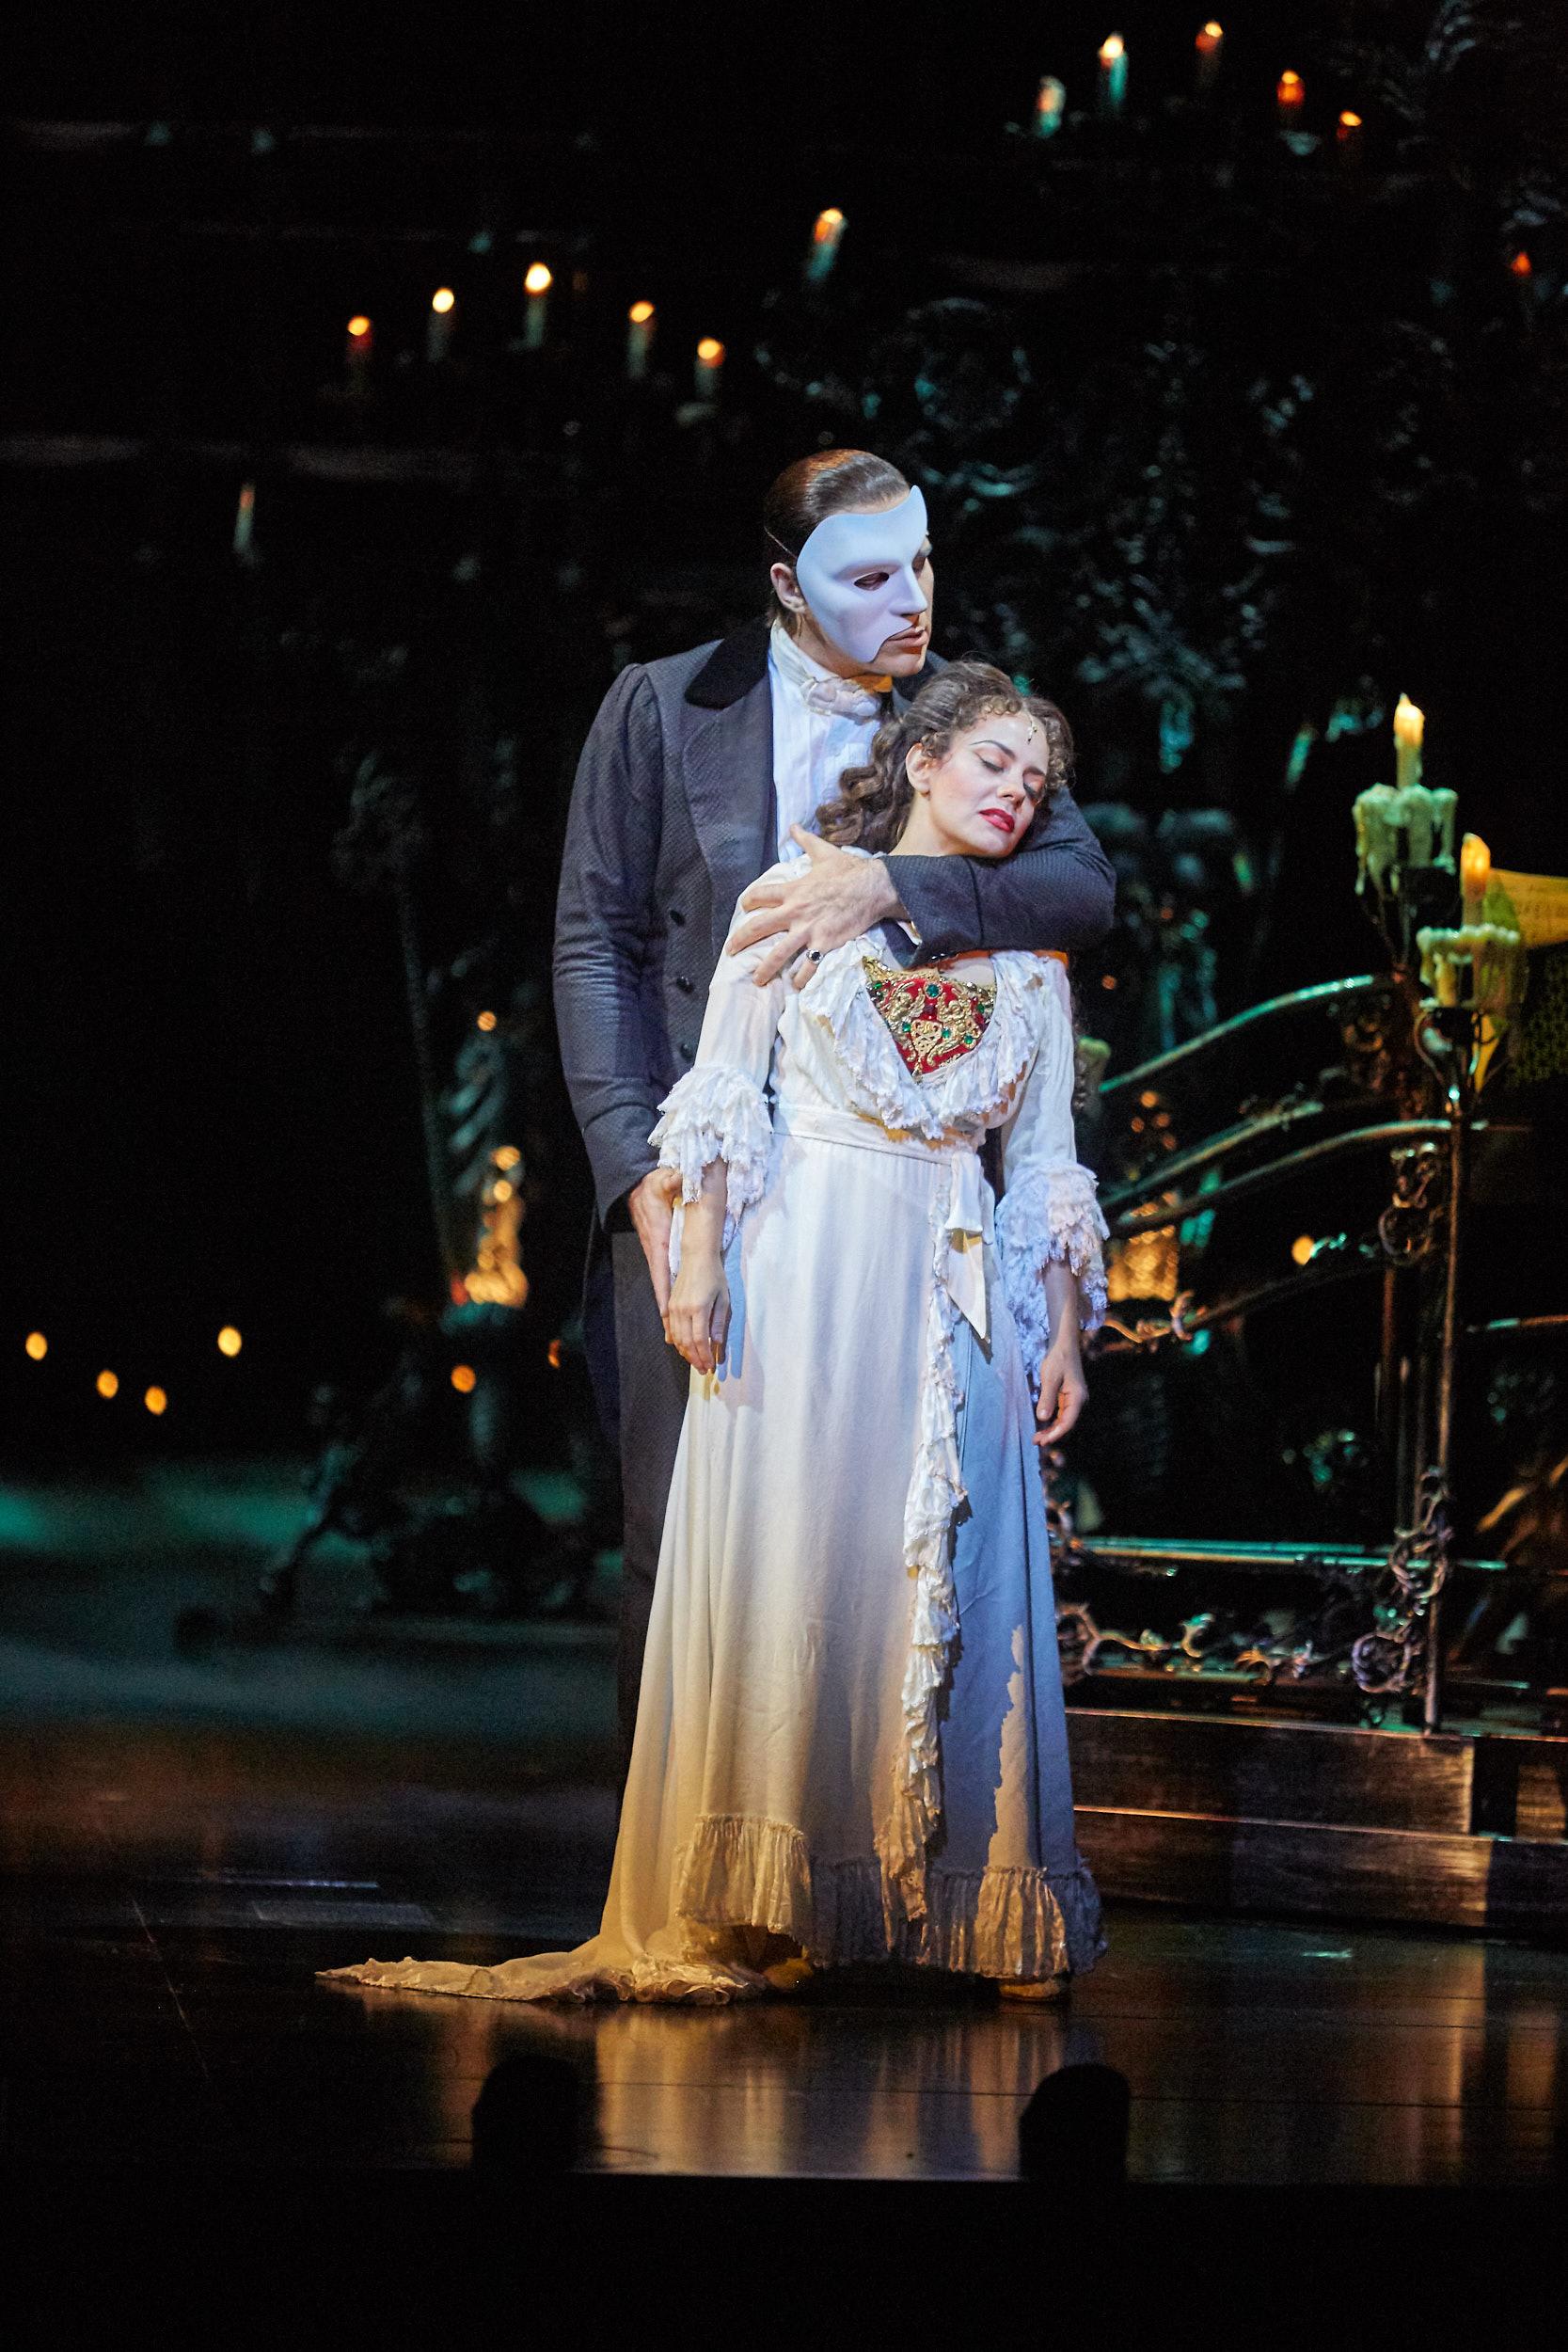 פנאום האופרה | צילום : שוקה כהן